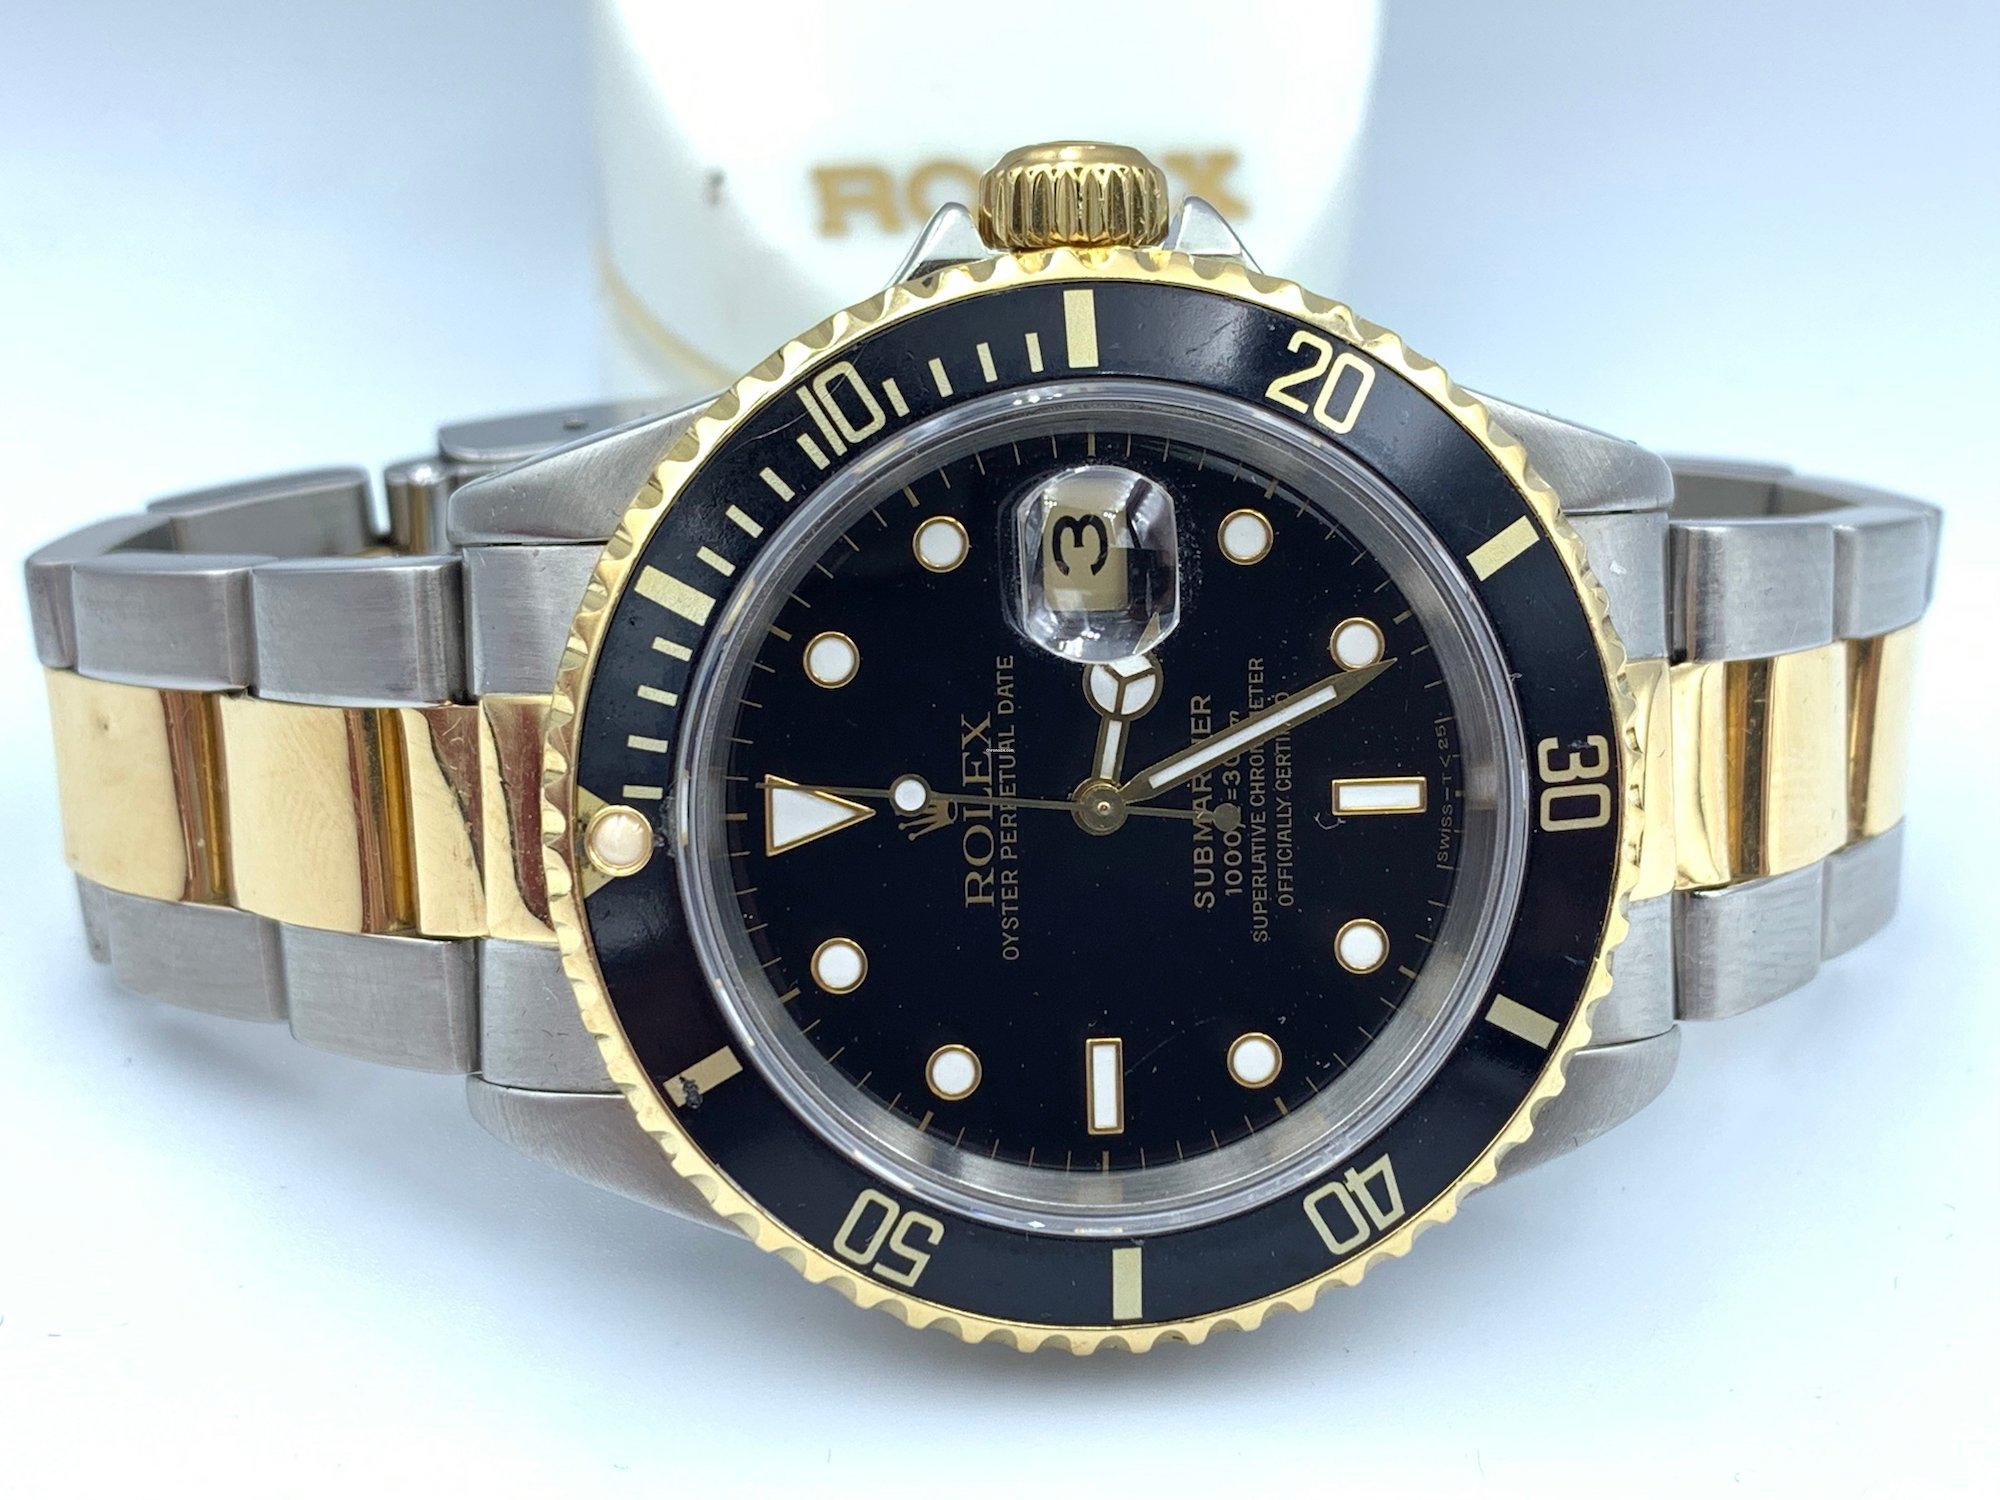 Rolex Submariner 16613 pulido